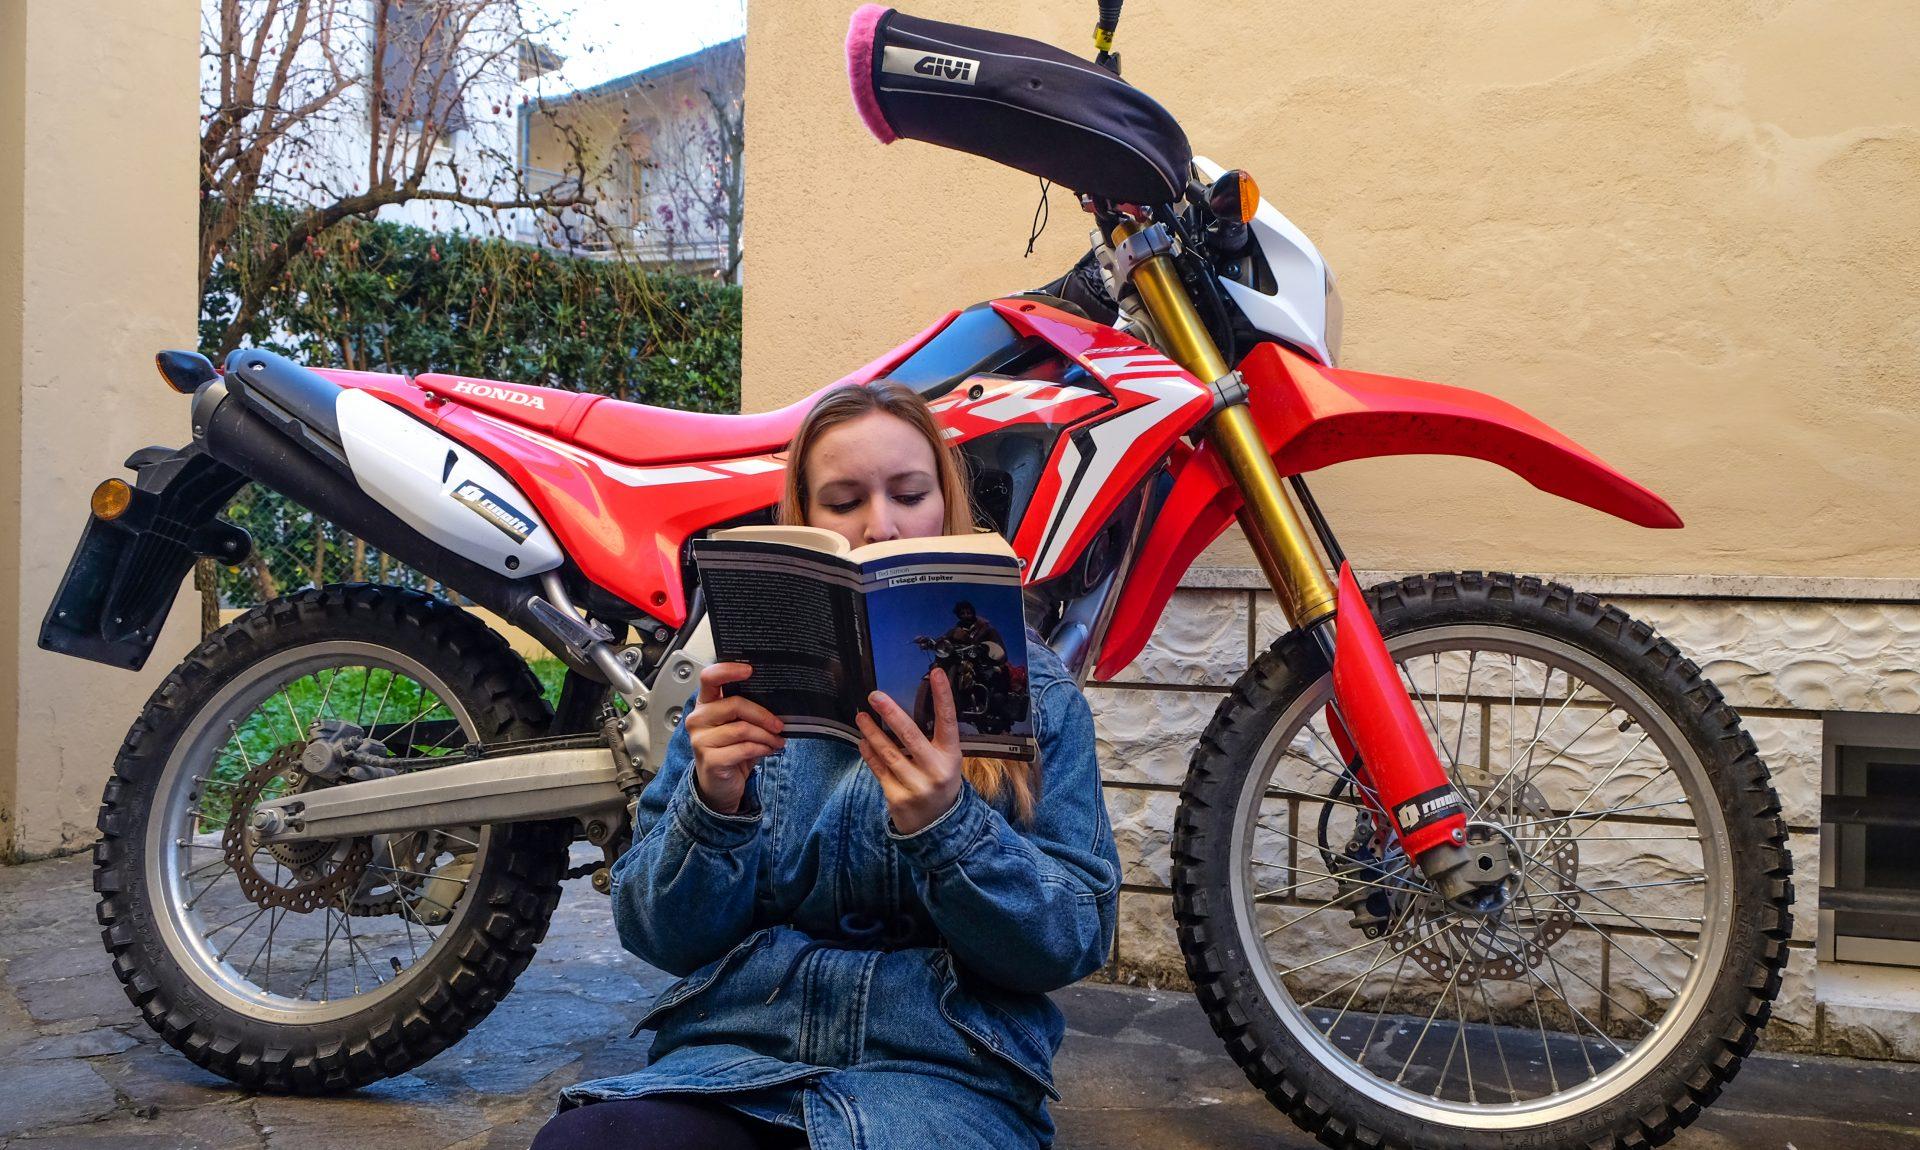 Idee regalo di Natale per il motciclista